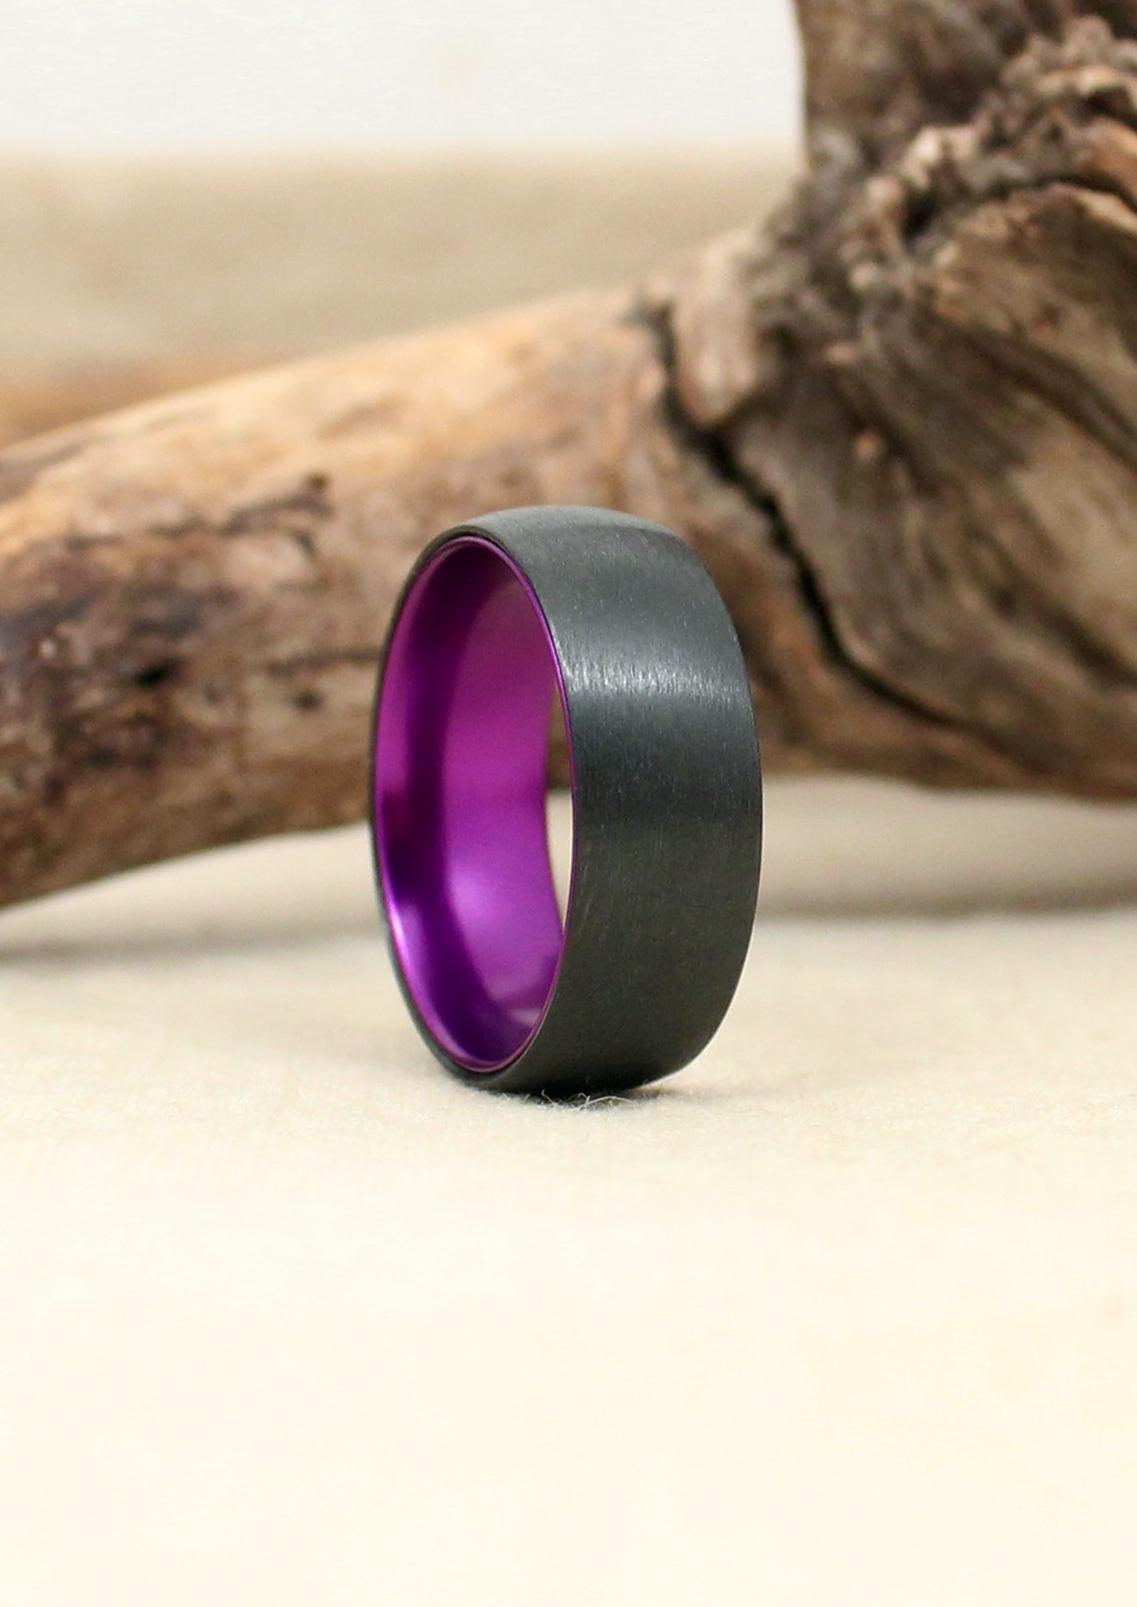 Black Zirconium with Anodized Purple Interior